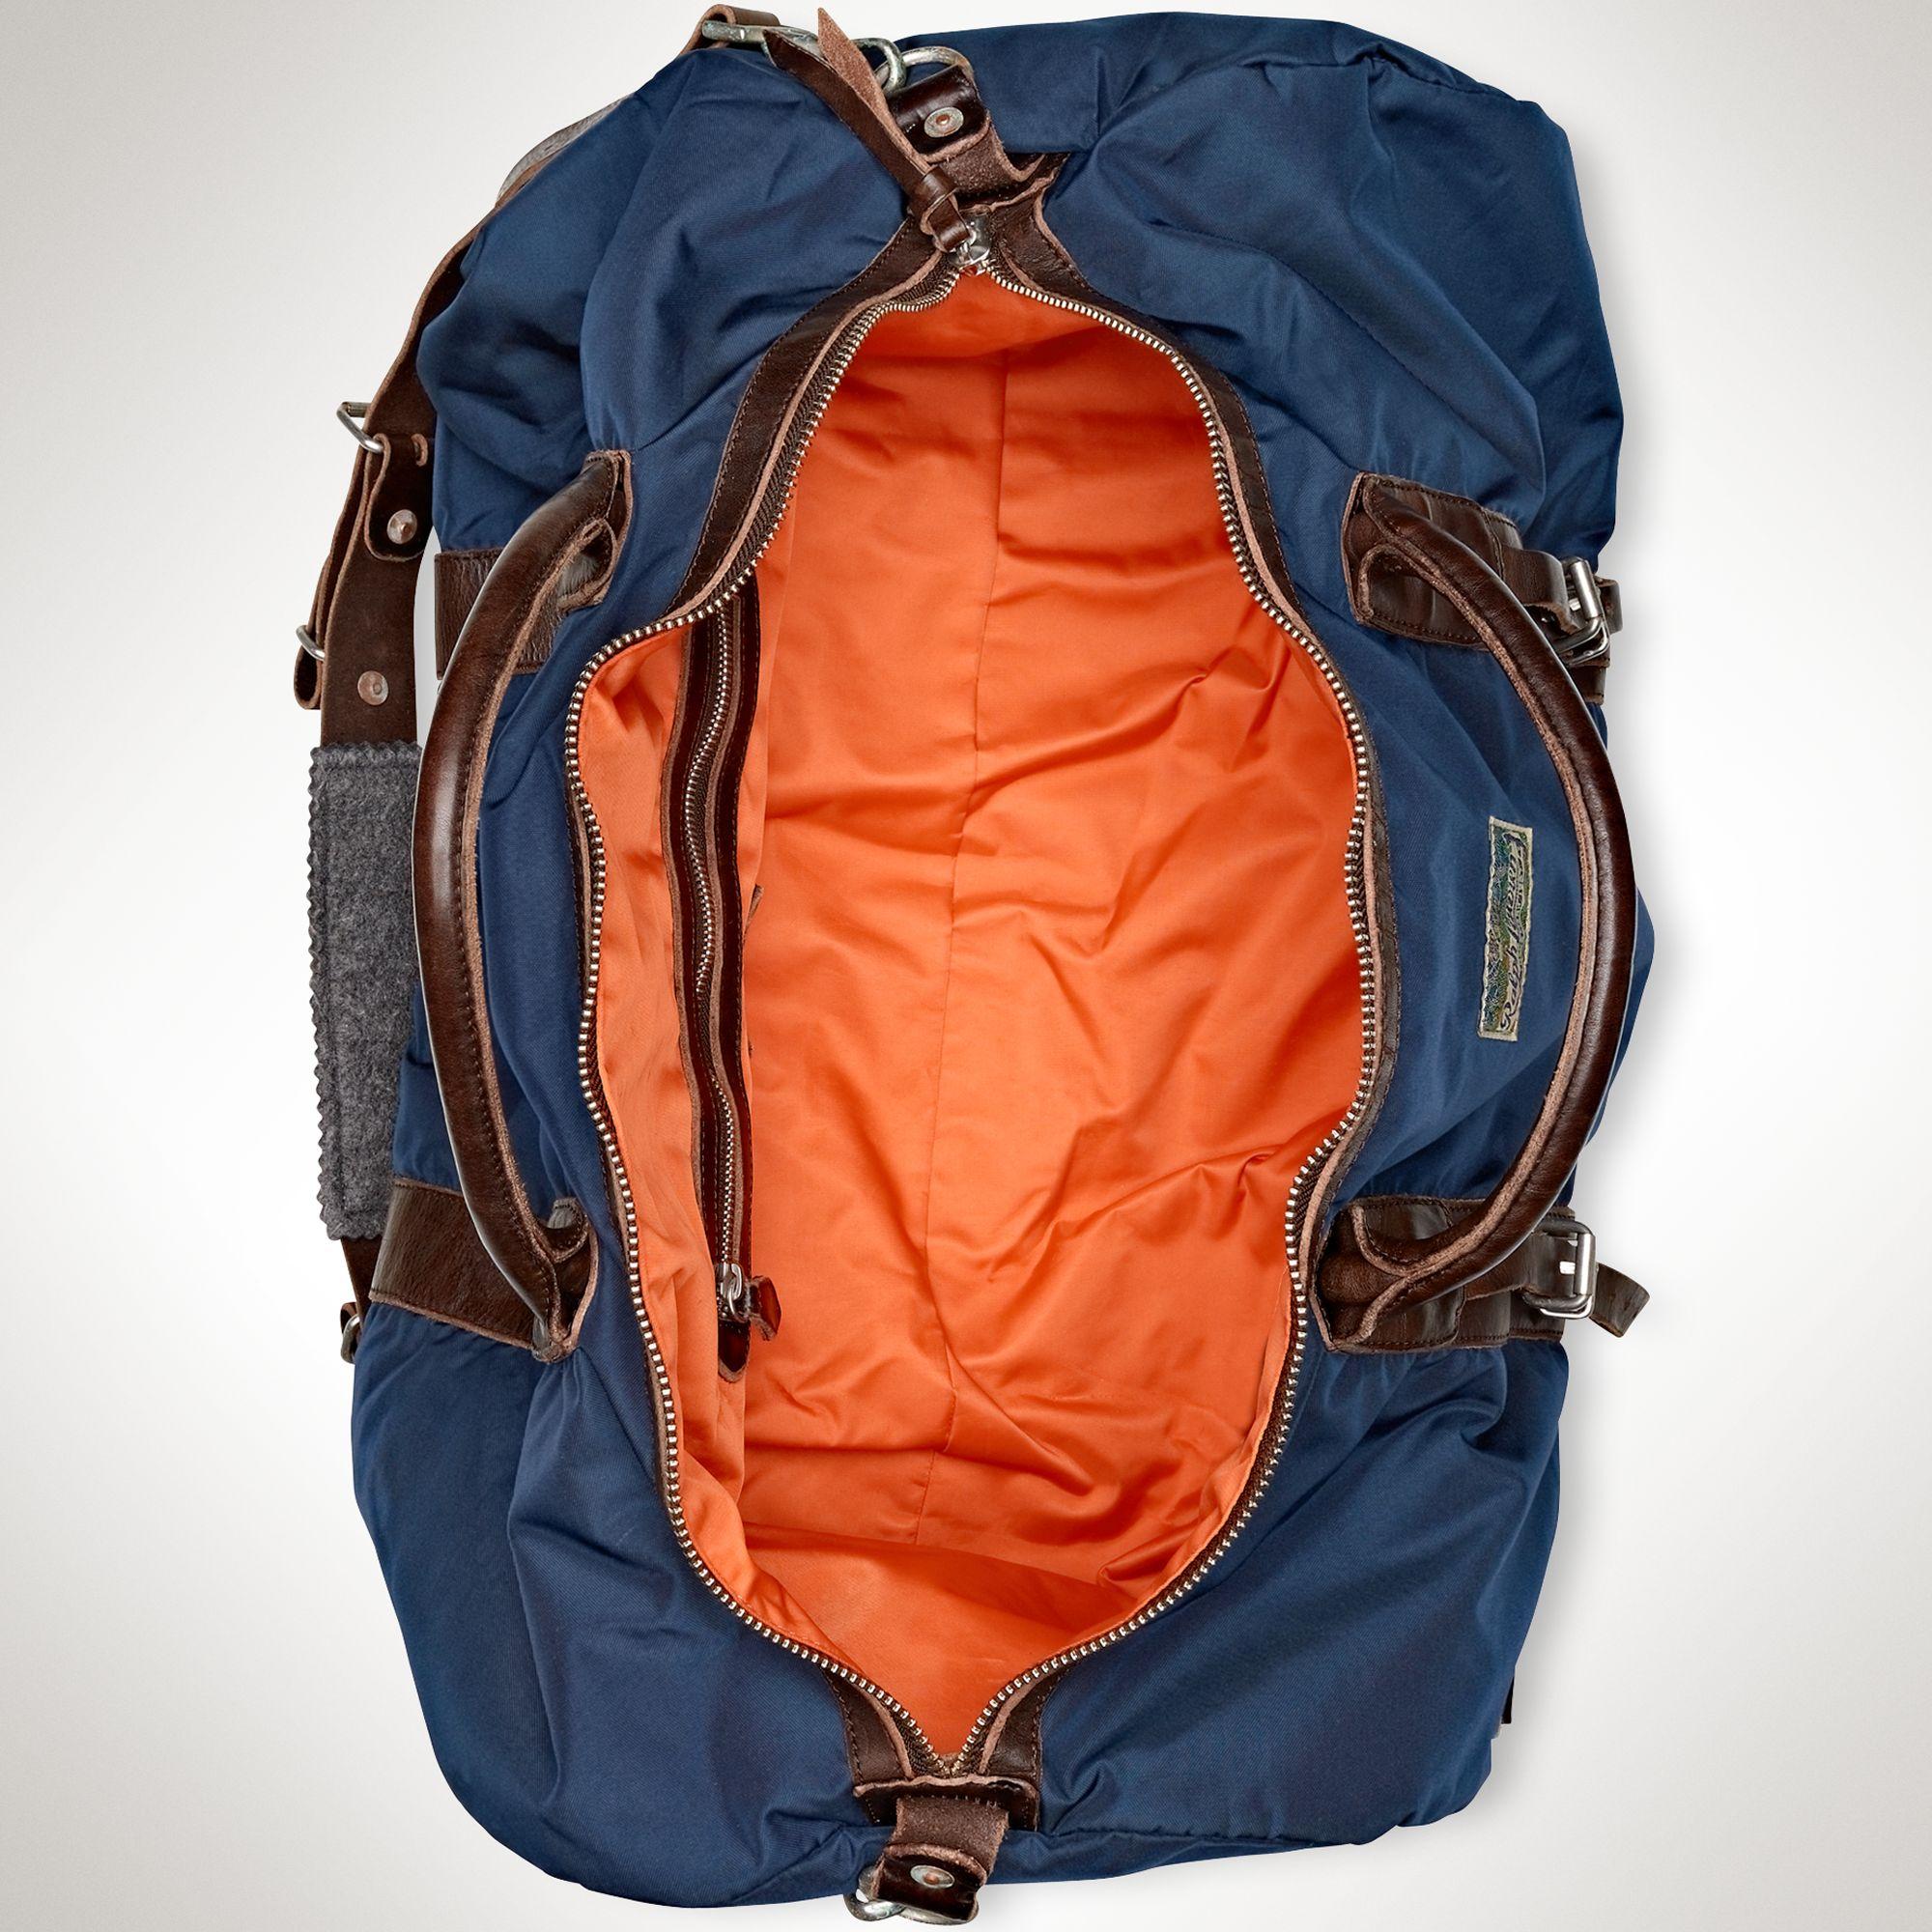 Polo Ralph Lauren Yosemite Duffel in Blue for Men - Lyst 3e610878f4